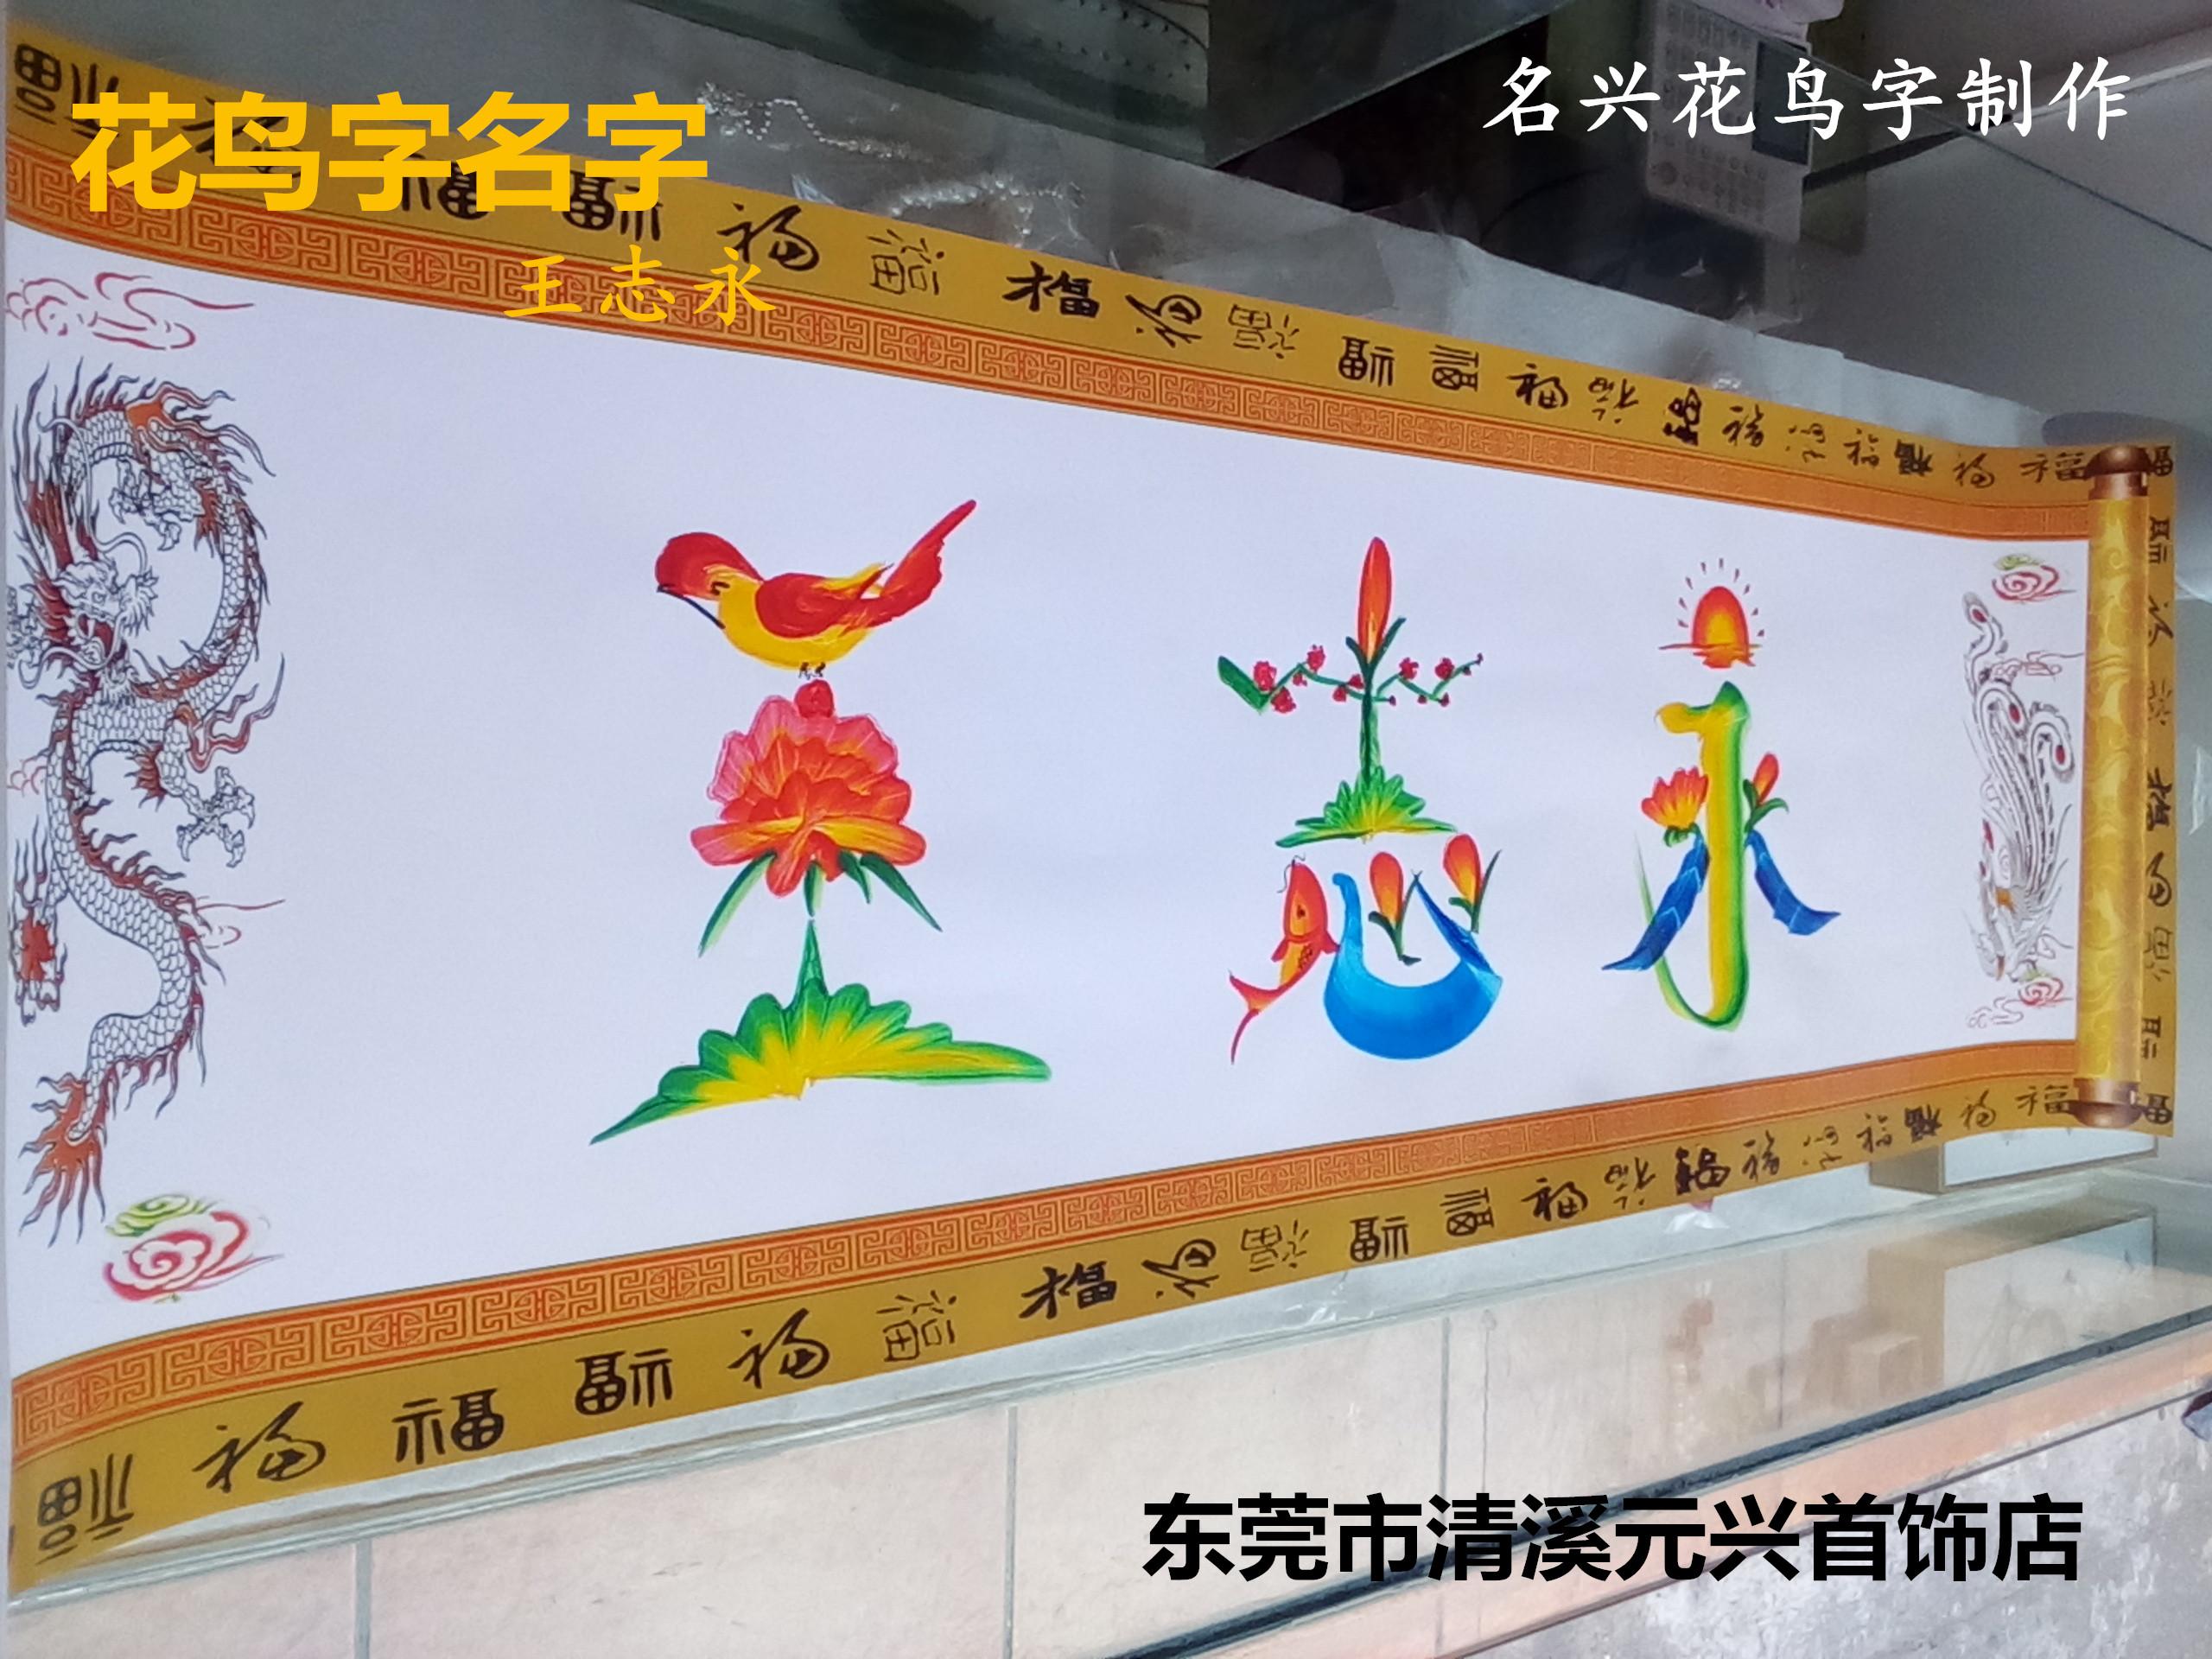 定制手绘礼品花鸟字中国艺术书法字画姓名花鸟字作画名字作画